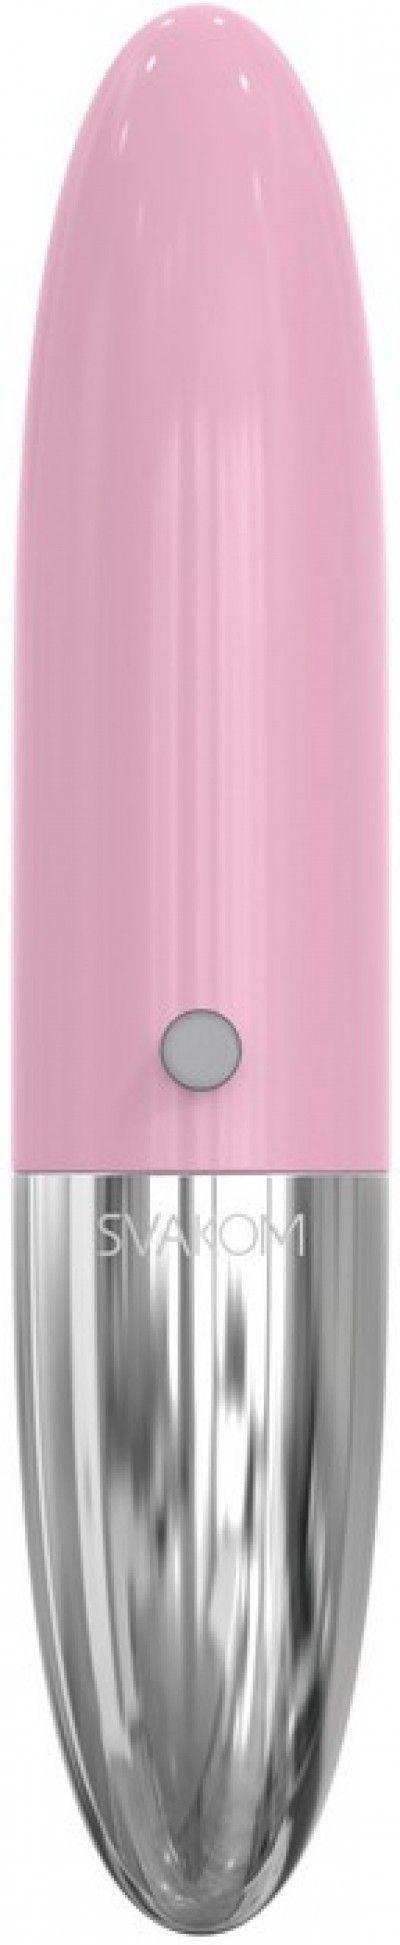 Мини-вибратор Rebecca, 5 режимов вибрации, розовый